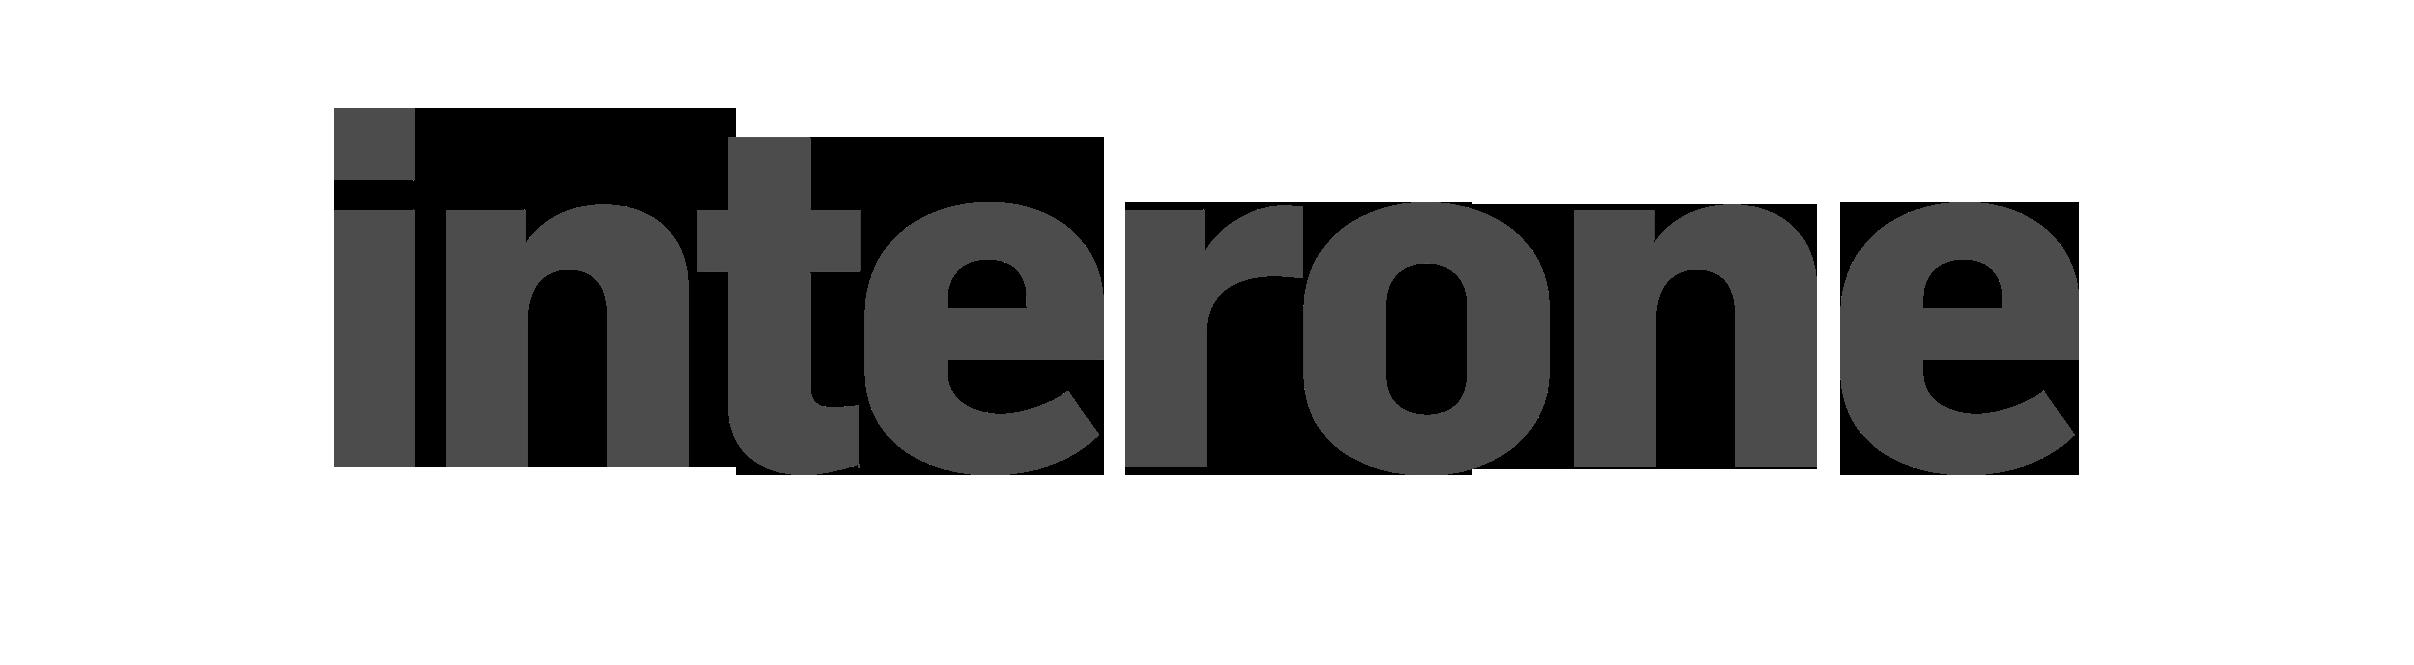 Logos Agencies 2019_09_08 beschnitten Interone 2414.png